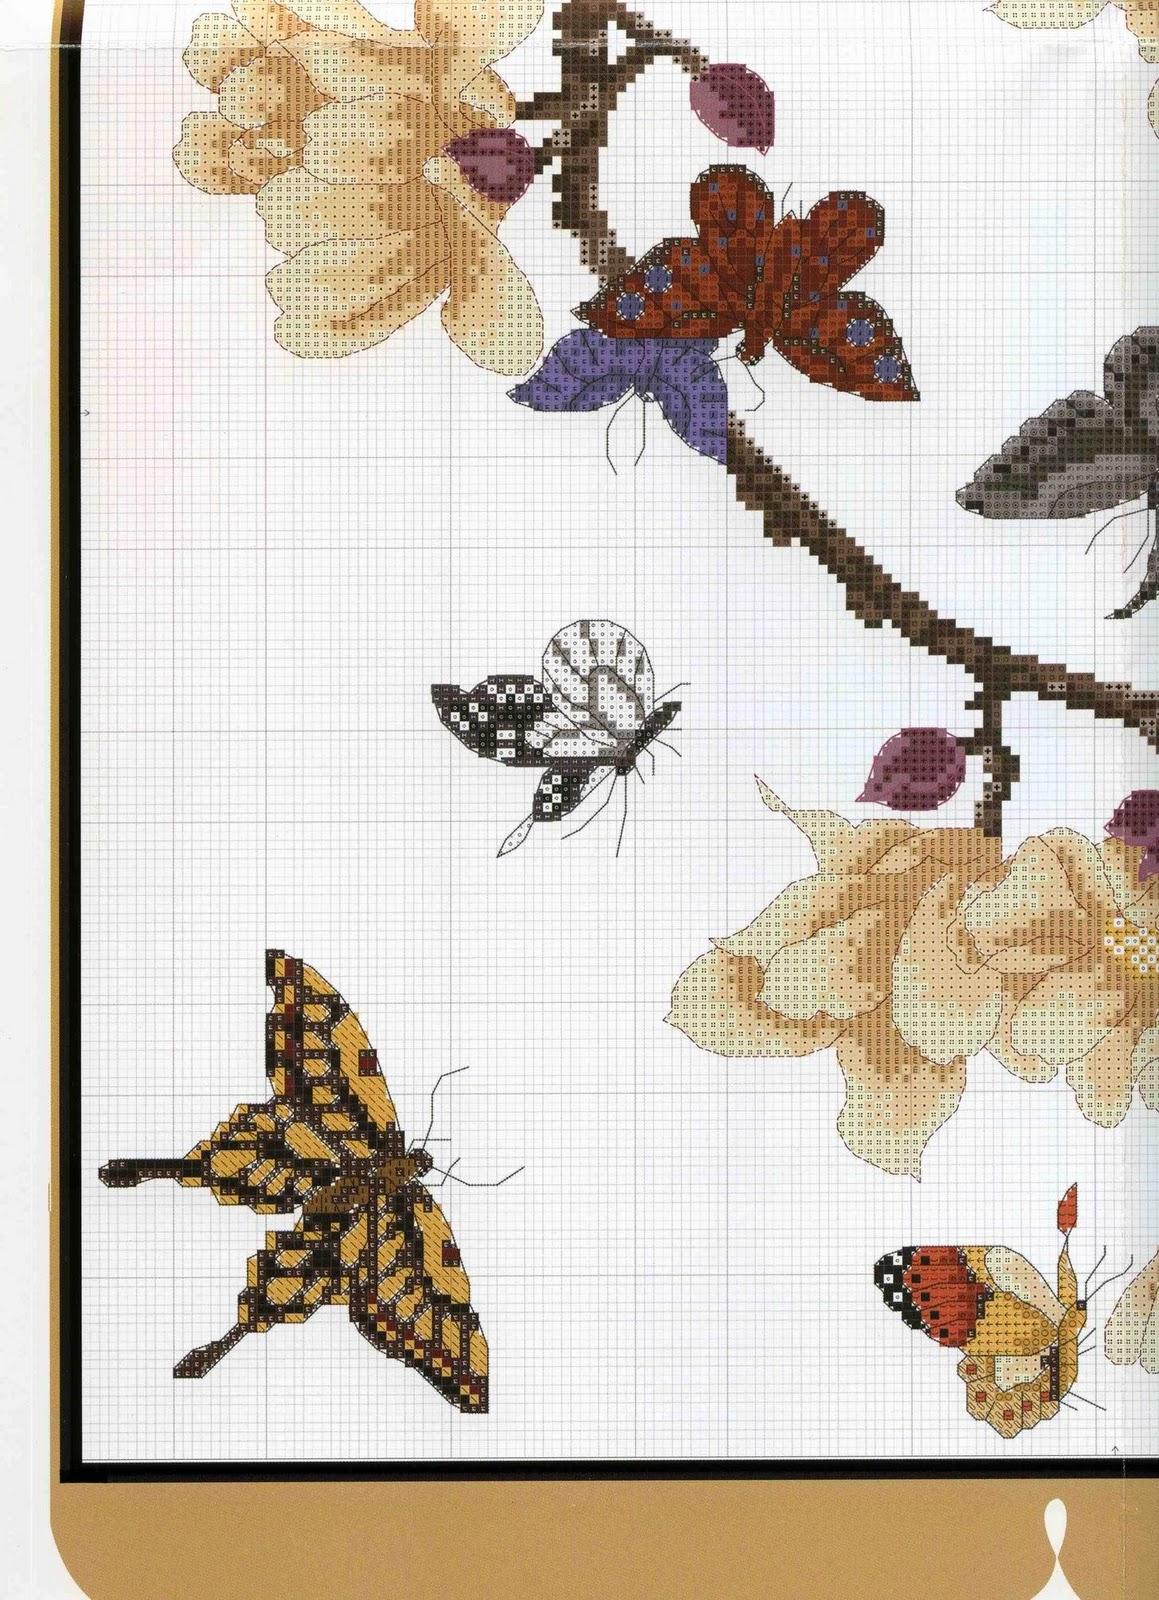 схемы вышивки японские мотивы вышивка крестом